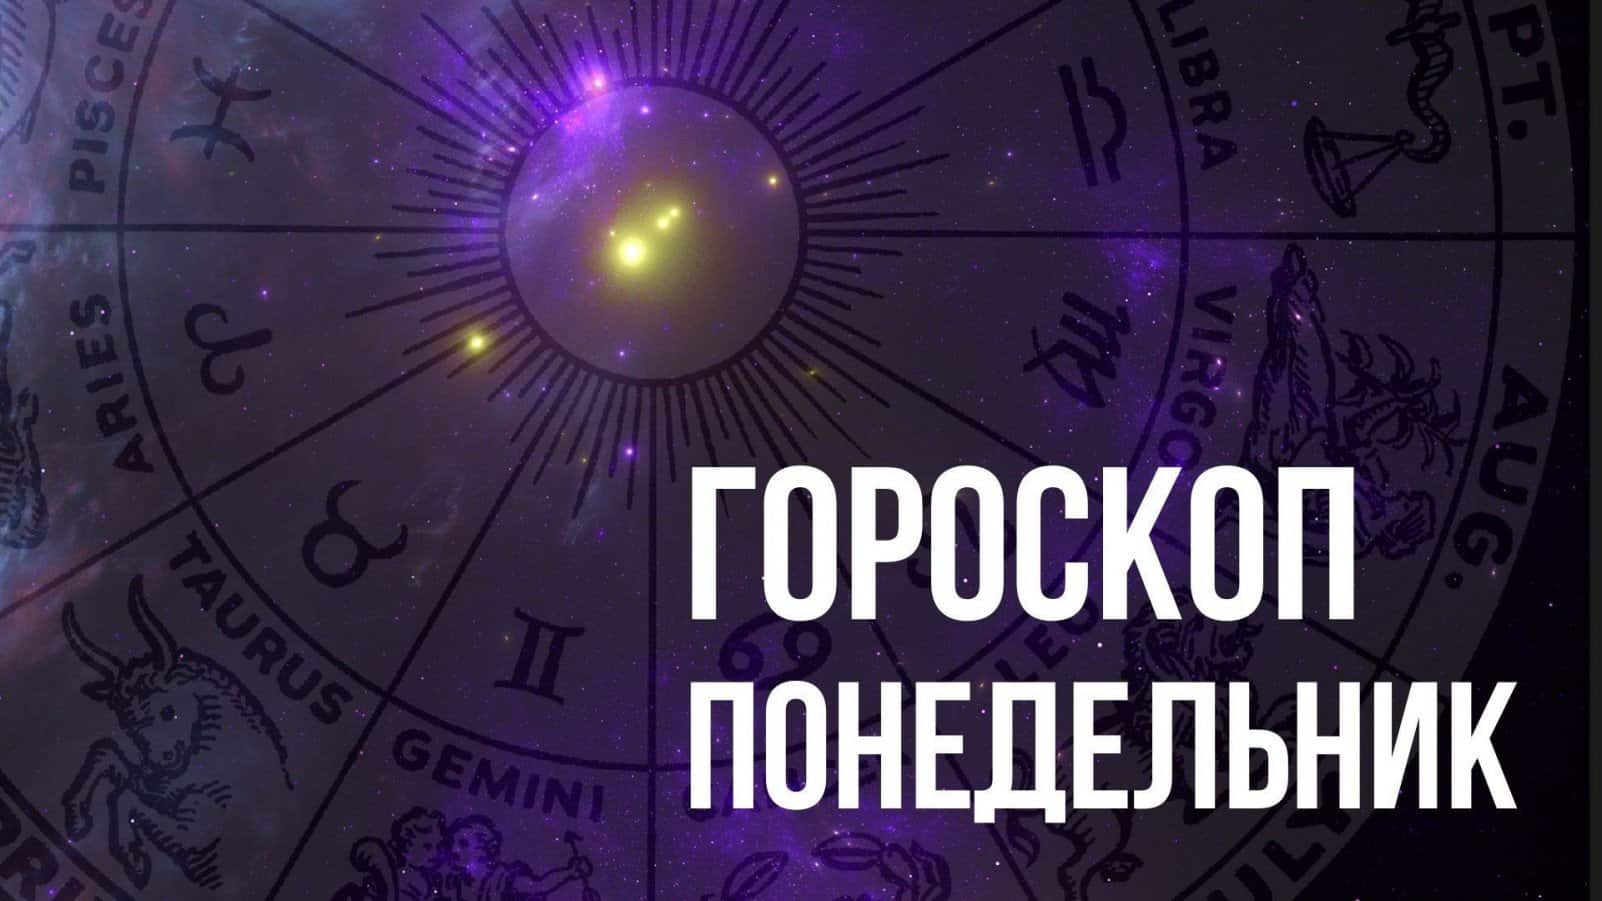 Гороскоп на понедельник 17 мая для каждого знака Зодиака